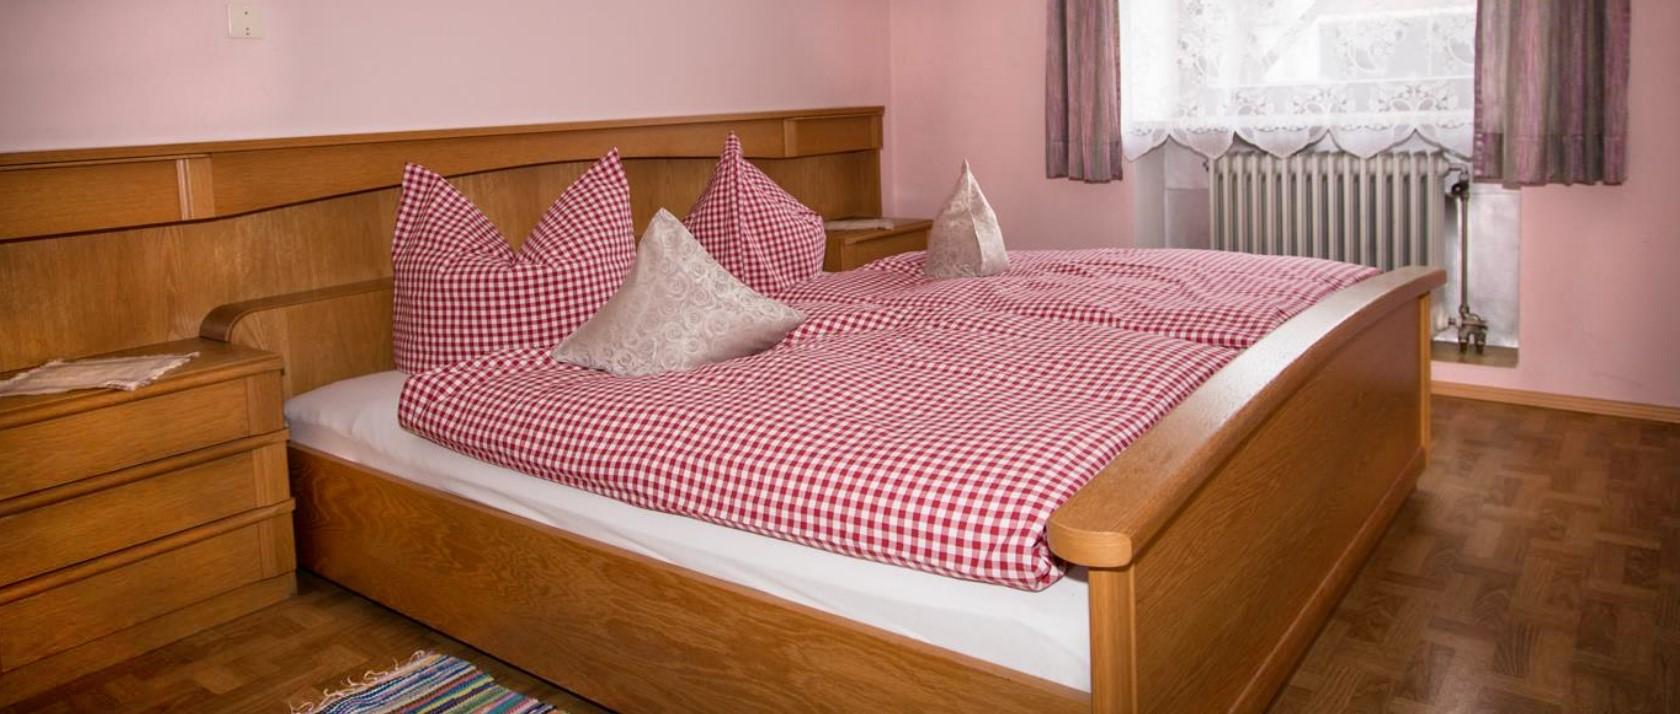 guthof-bauernhof-ferienwohnung-schlafzimmer